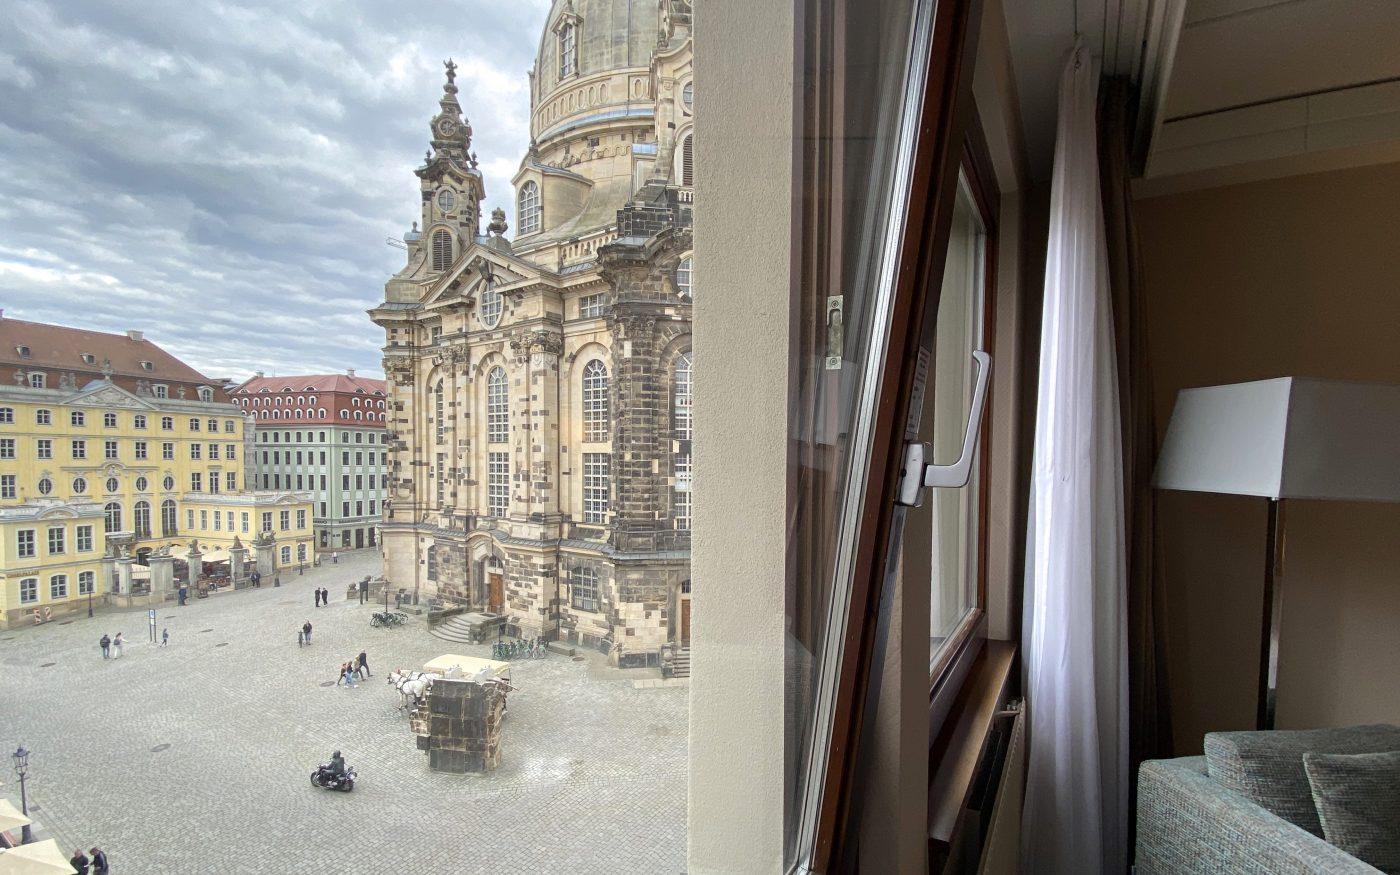 Blick aus dem Zimmer auf die Frauenkirche